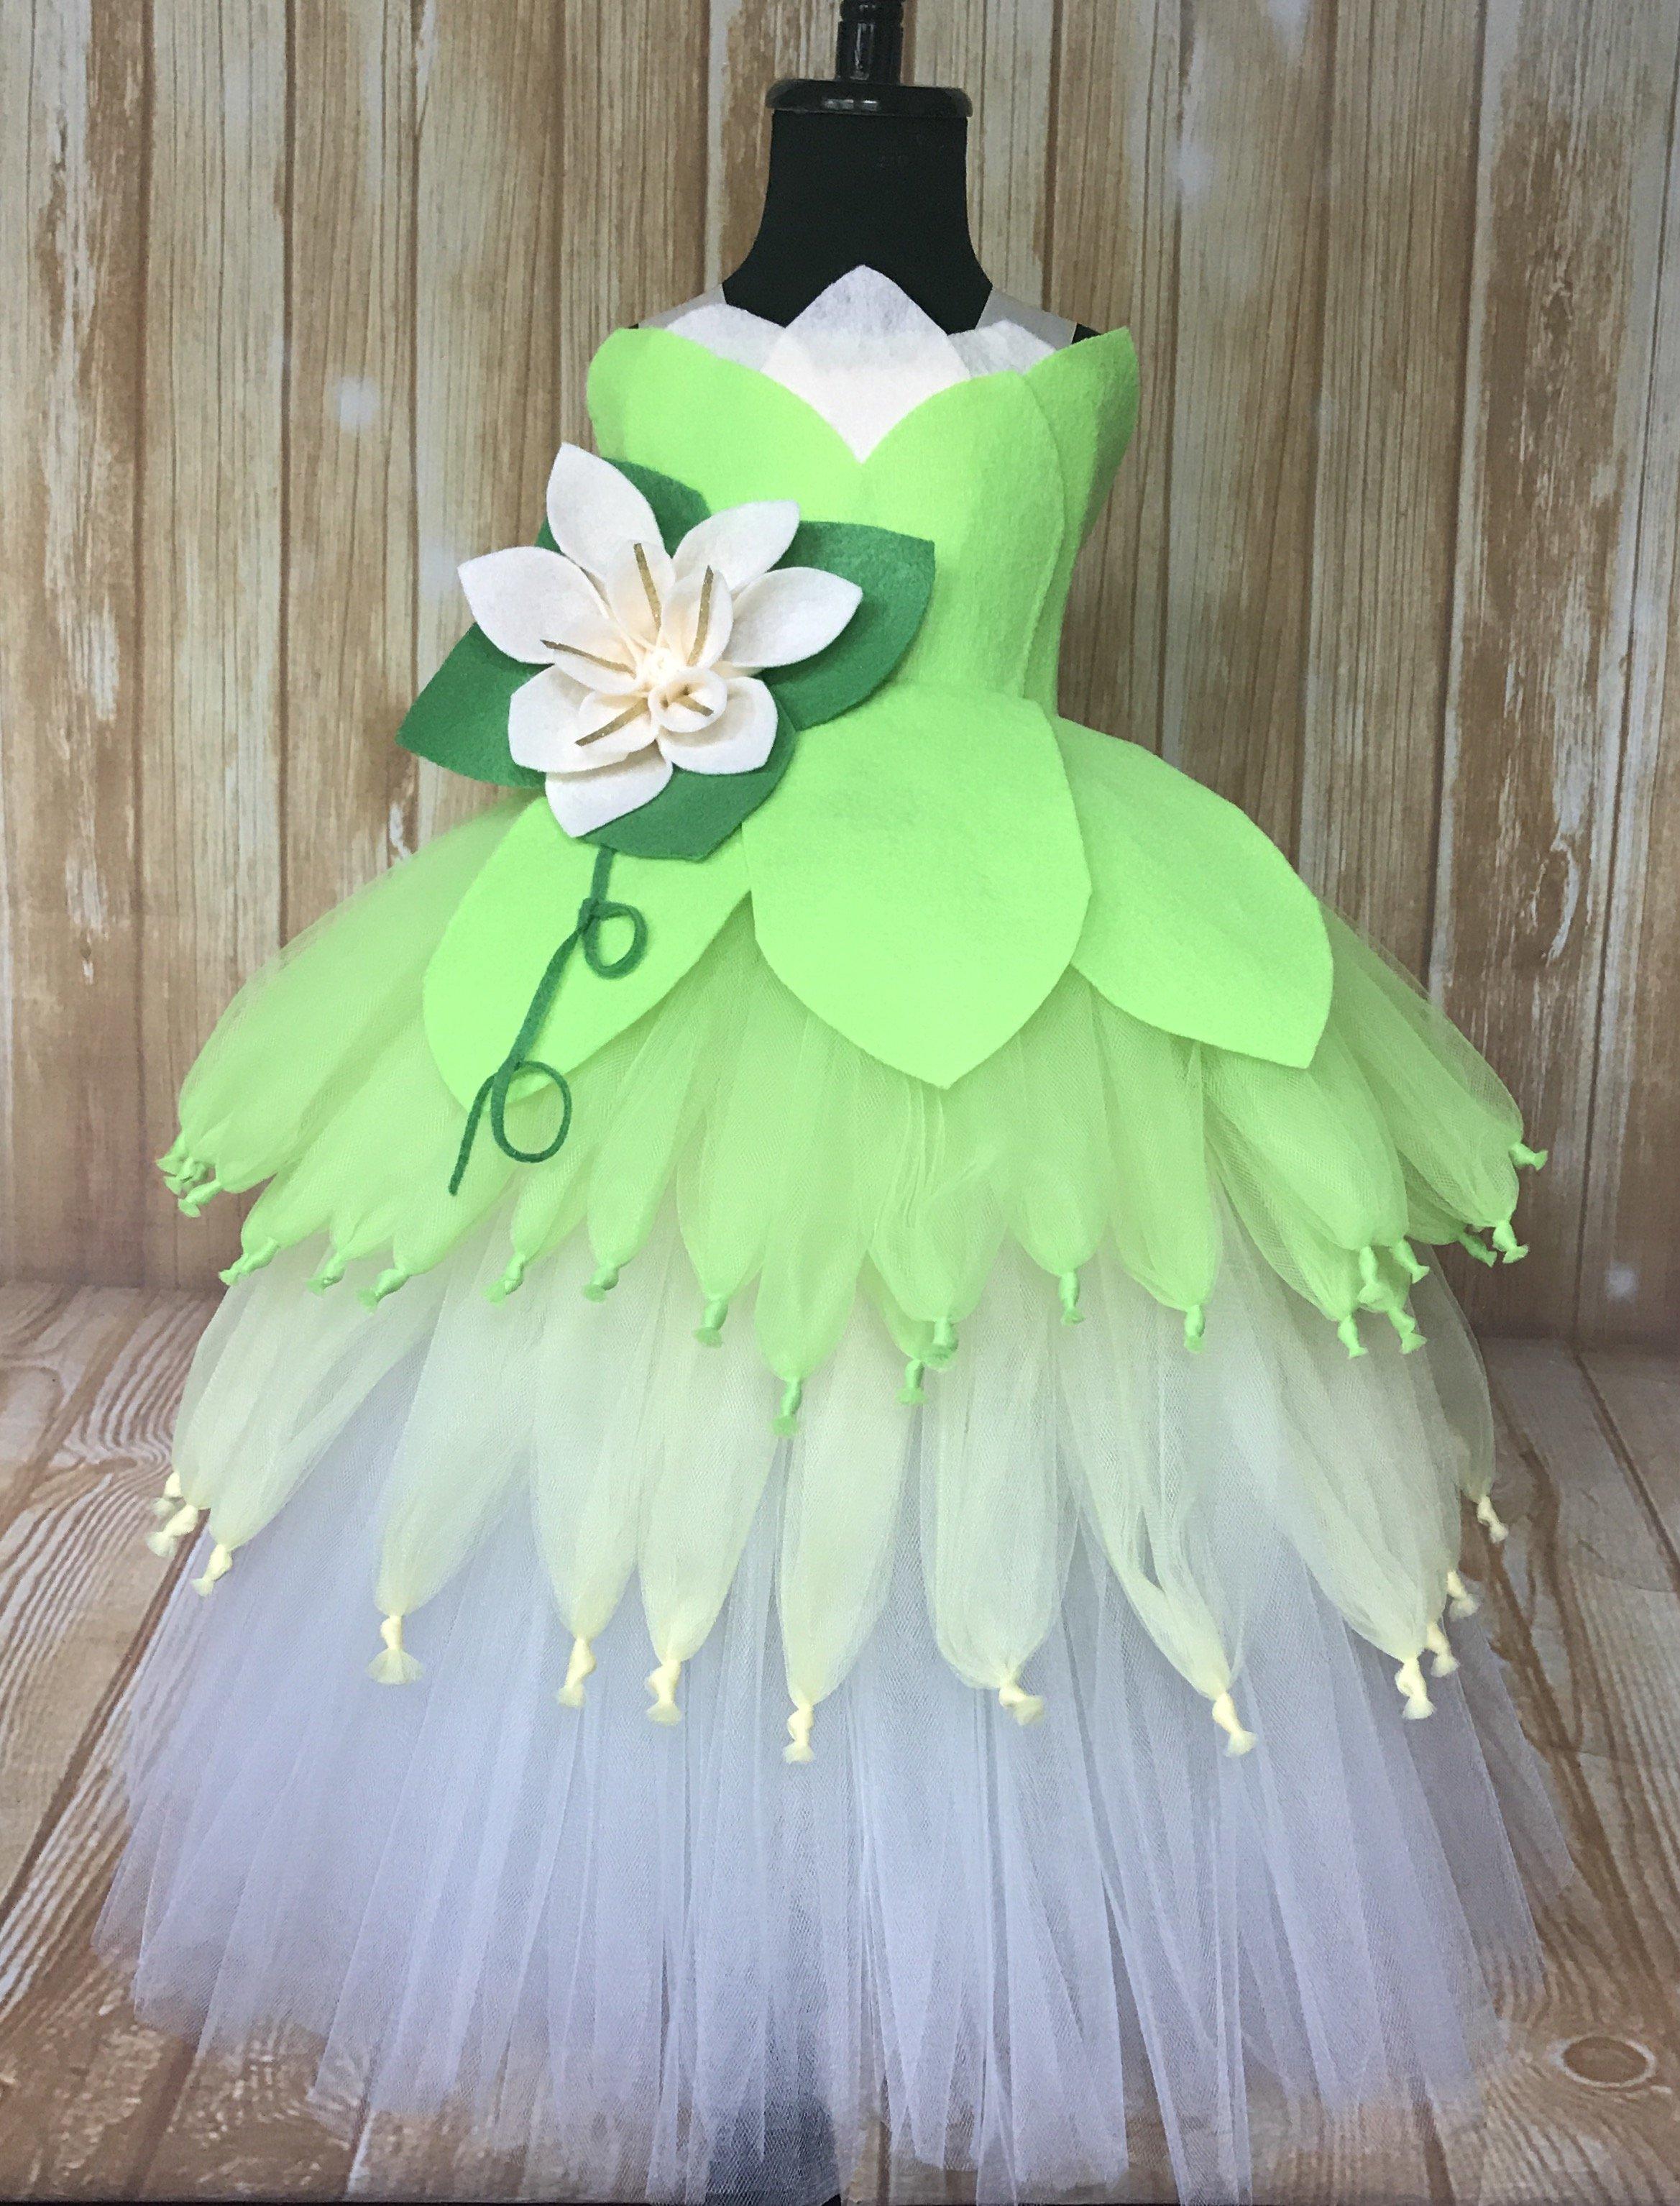 Tiana Tutu Princess And The Frog Dress Princess Tiana Costume Princess Tiana Costume Tiana Costume Frog Dress